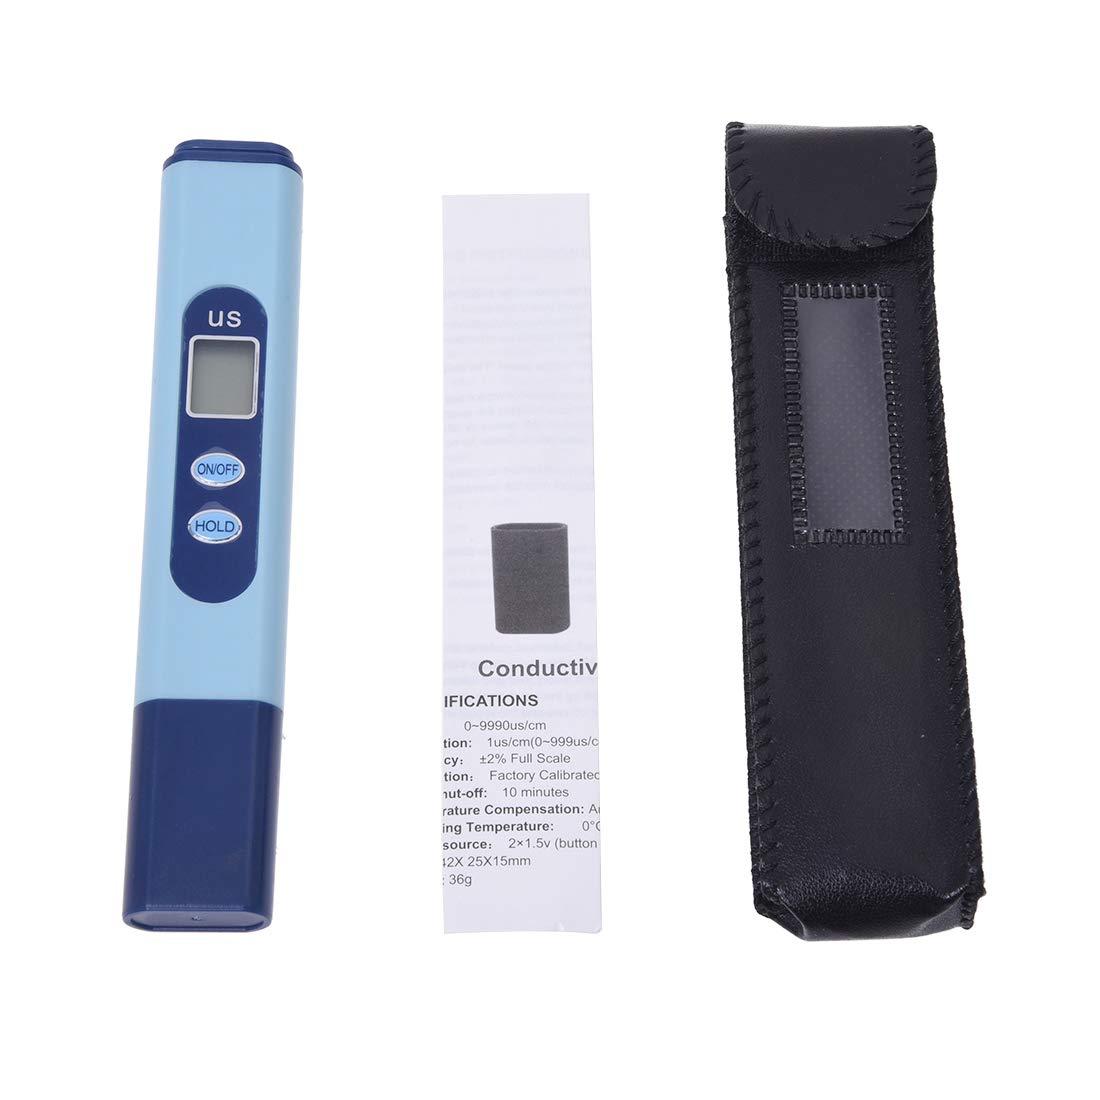 SODIAL (R) Digital LCD EC leitw ertmess Tensiómetro para ueberpruefung la Agua de Gran Calidad AP-2 Tester Pen 0 - 9999?S/cm: Amazon.es: Bricolaje y ...